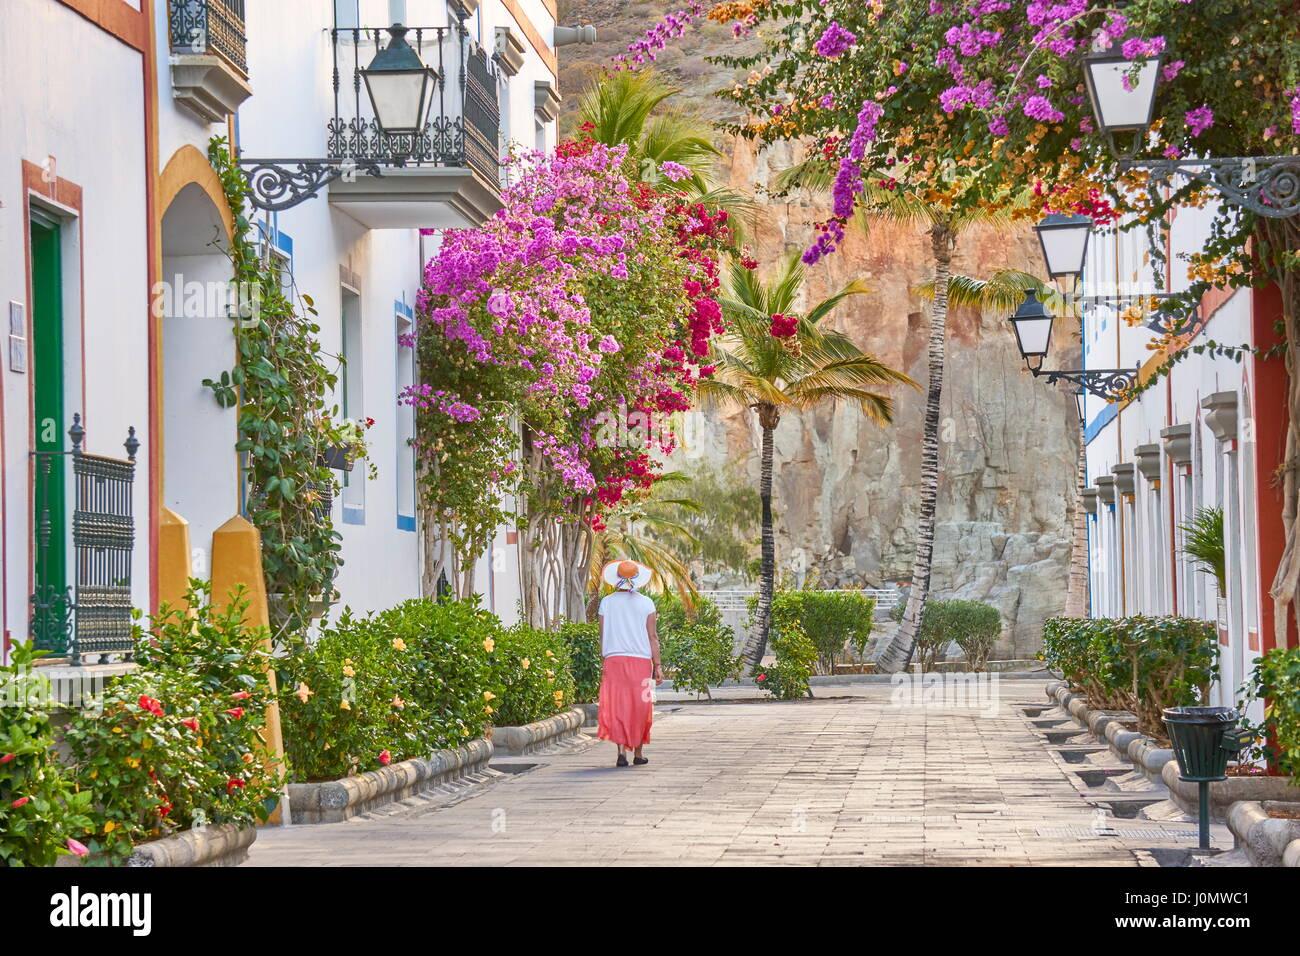 Alte Stadt von Puerto de Mogan, Kanarische Inseln, Gran Canaria, Spanien Stockfoto